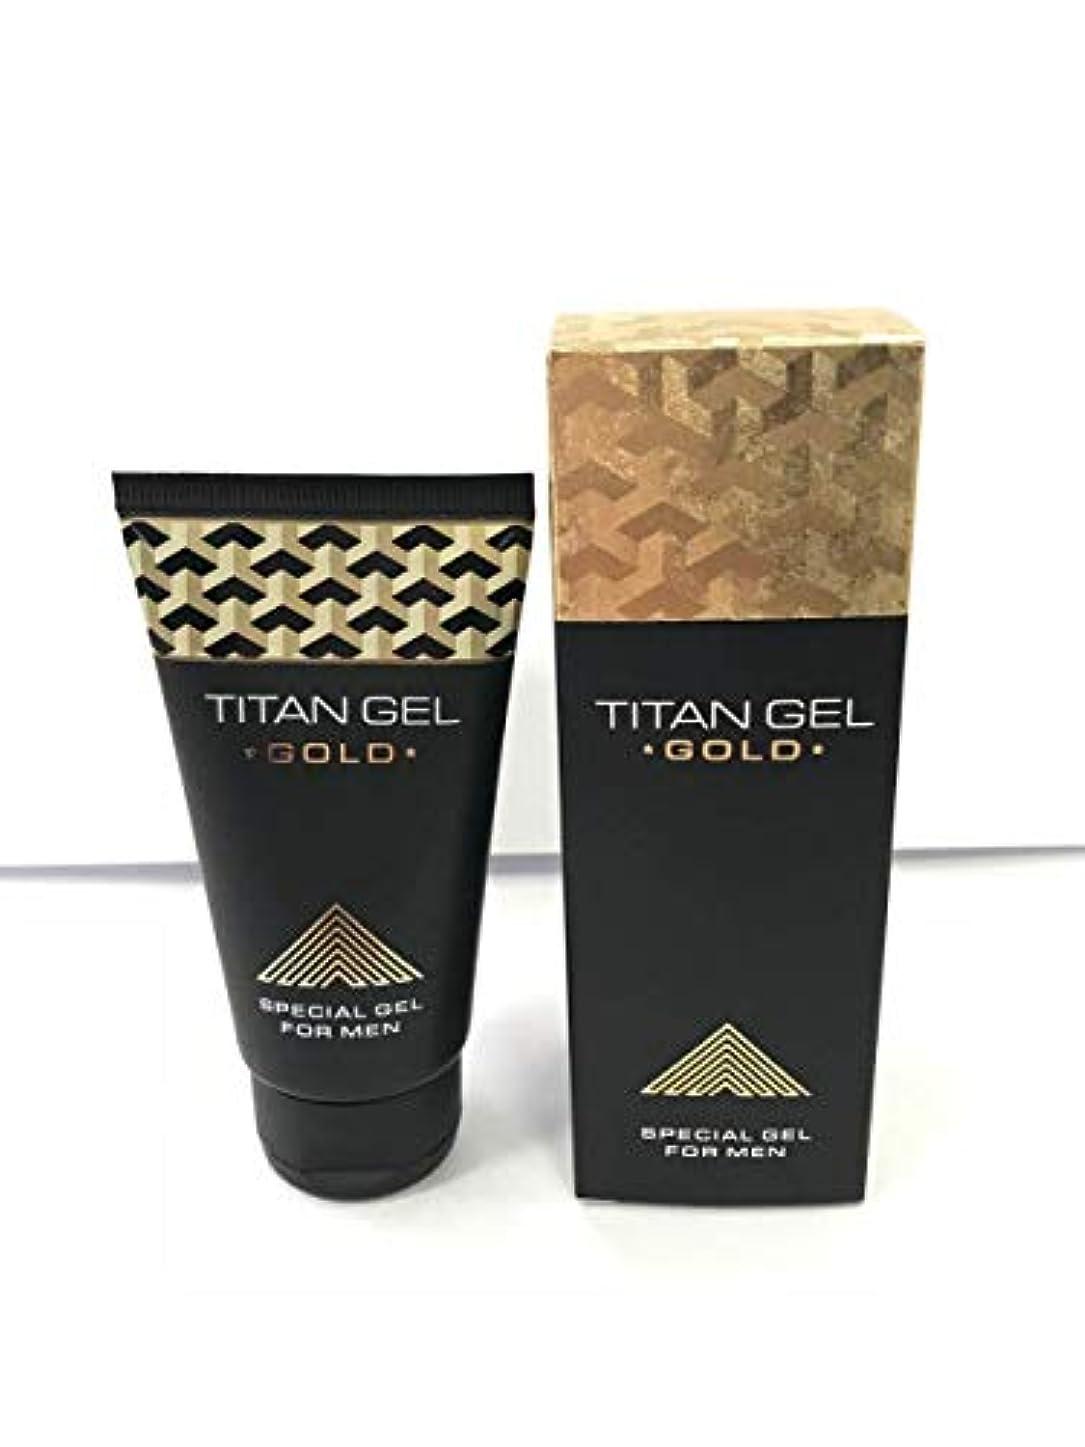 収穫パワーセル雨タイタンジェル ゴールド オリジナルチタンゲルバージョンゴールド Titan gel Gold 50 ml.